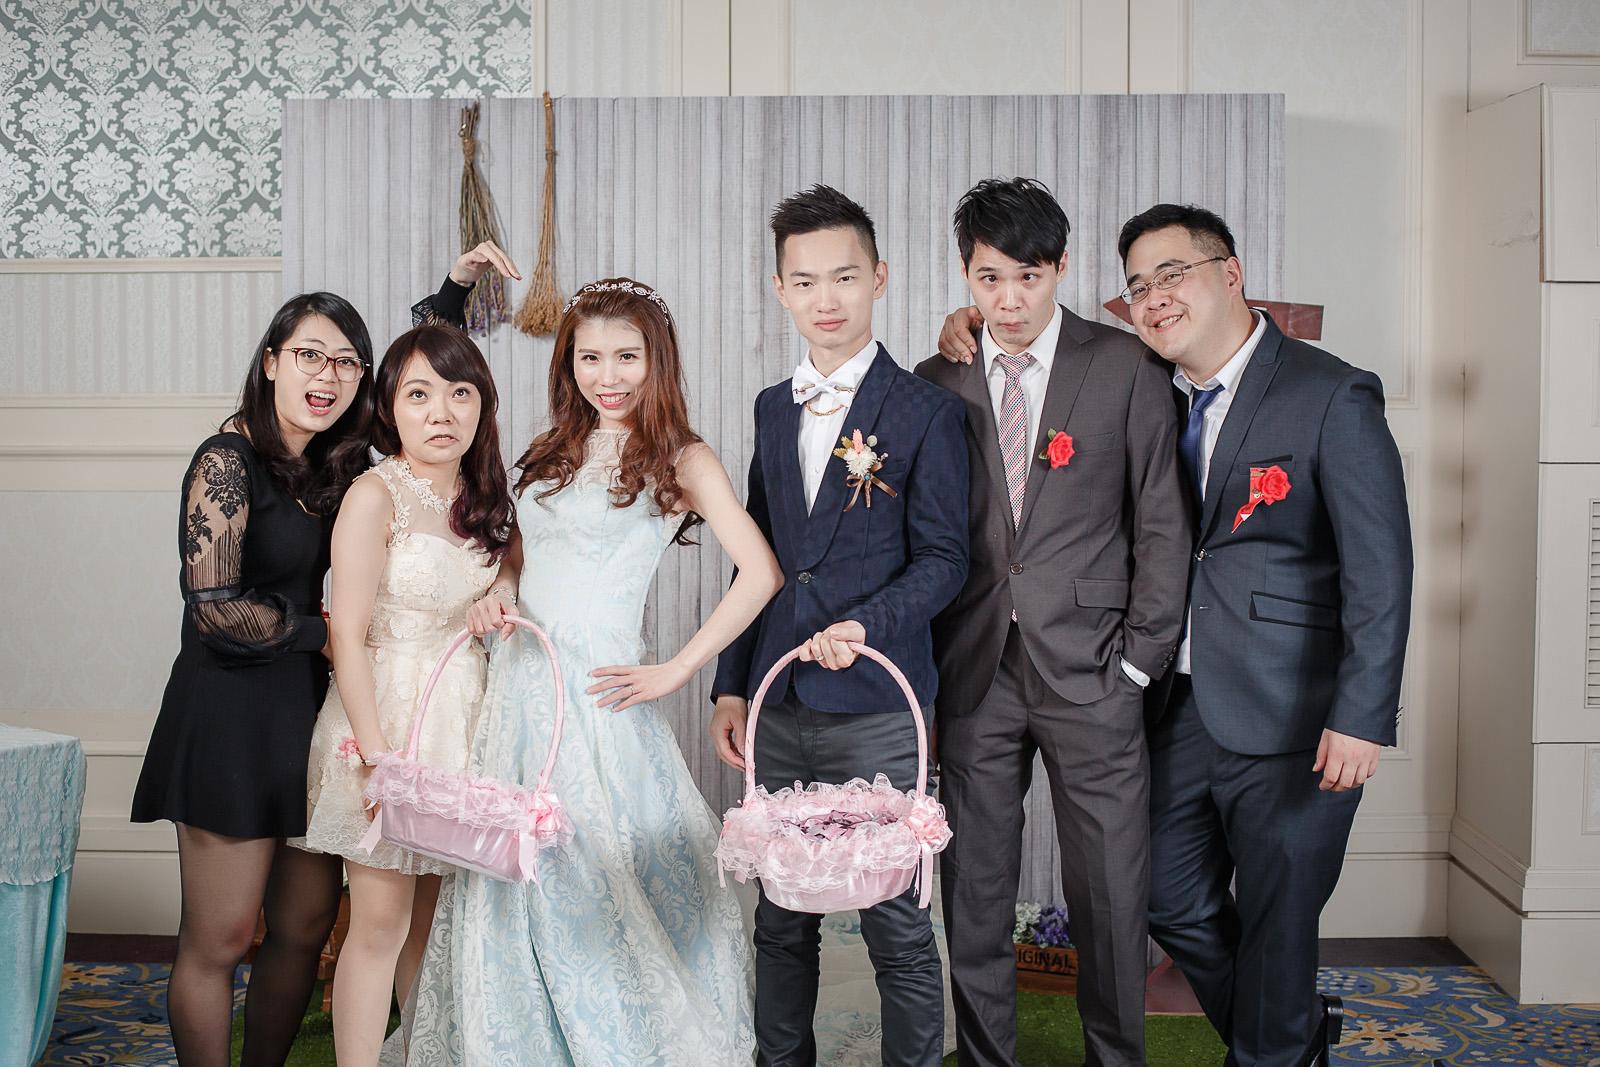 高雄圓山飯店,婚禮攝影,婚攝,高雄婚攝,優質婚攝推薦,Jen&Ethan-337